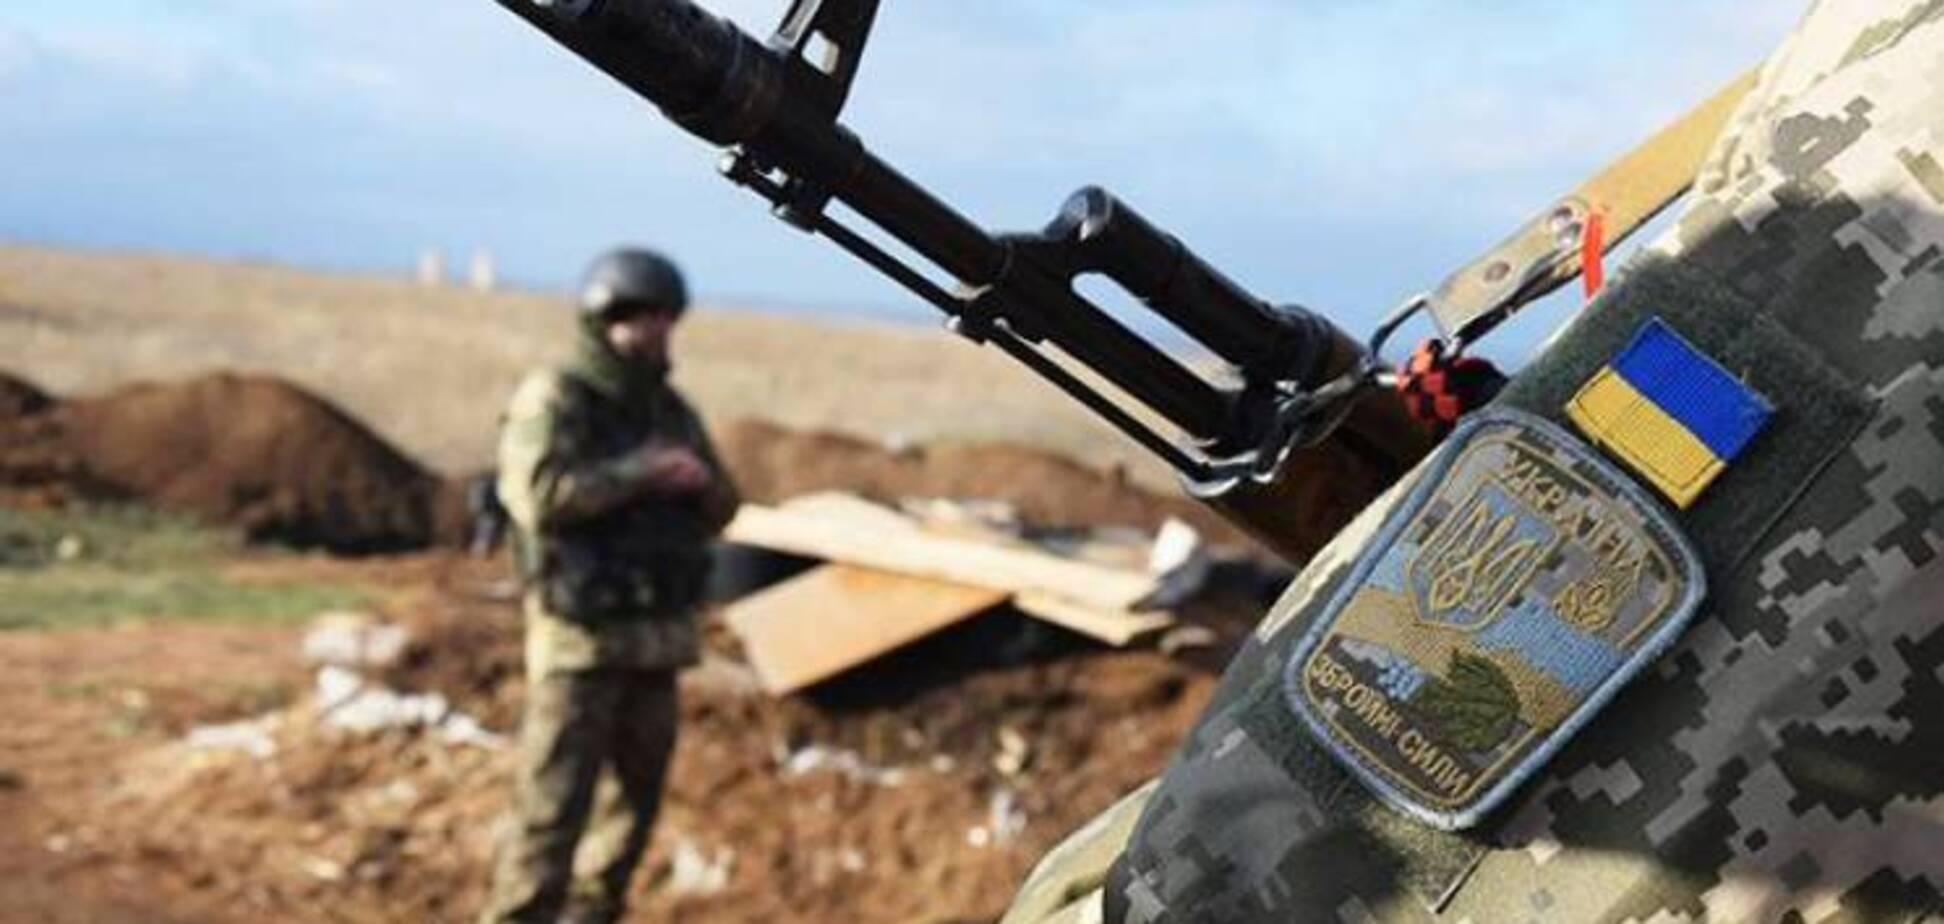 Боец батальона имени Кульчицкого: окопная война - это смерть для армии